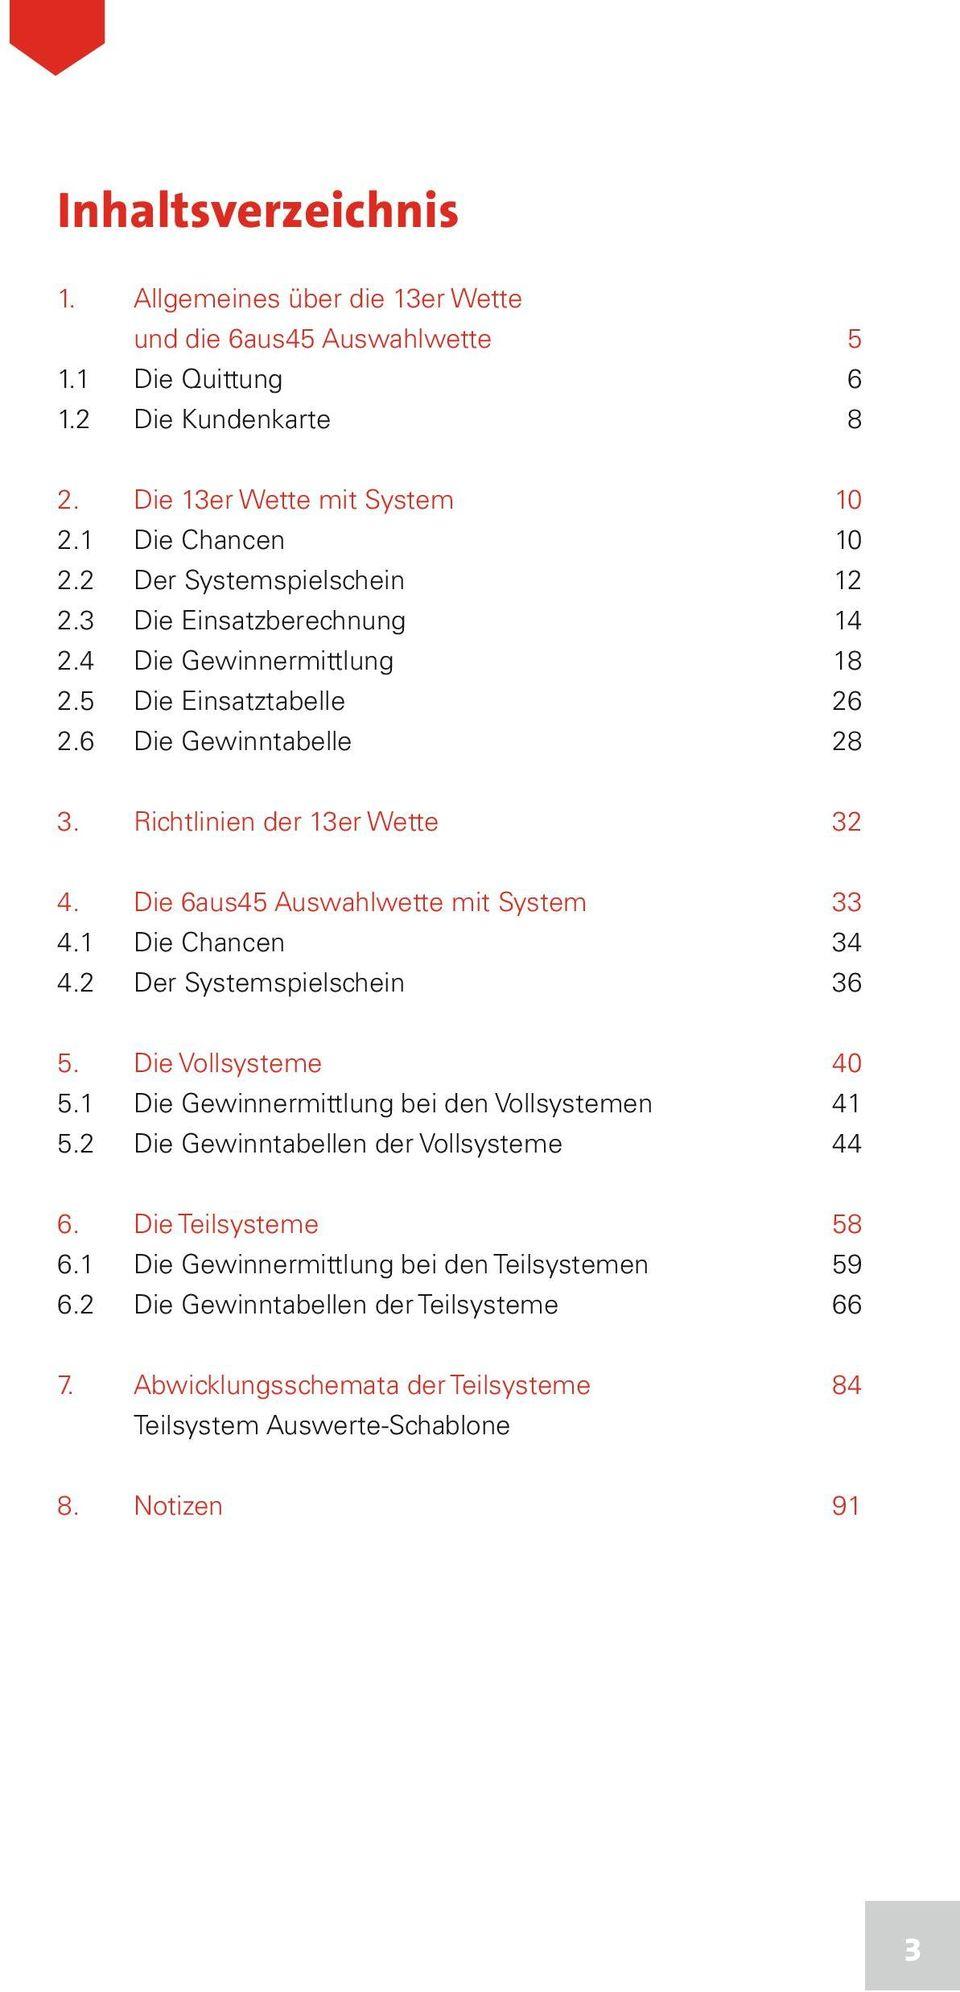 medium resolution of die 6aus45 auswahlwette mit system 33 4 1 die chancen 34 4 2 der systemspielschein 36 5